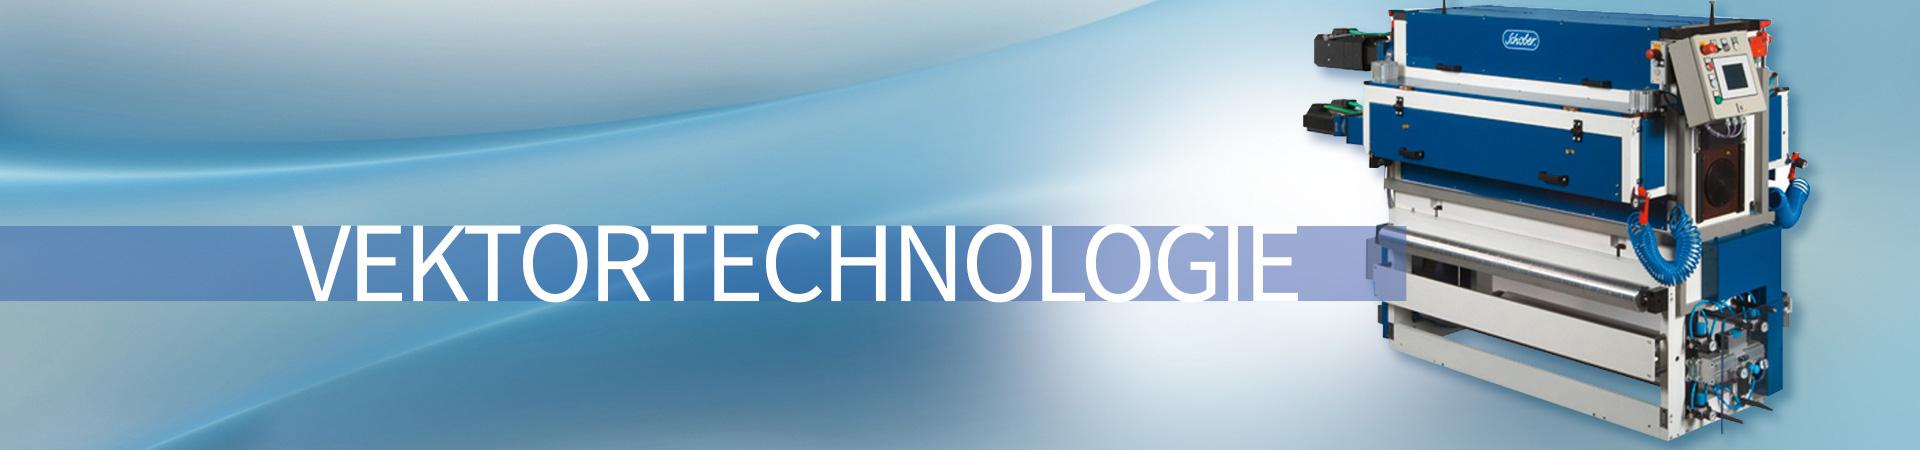 Schober_Vektortechnologie_de2